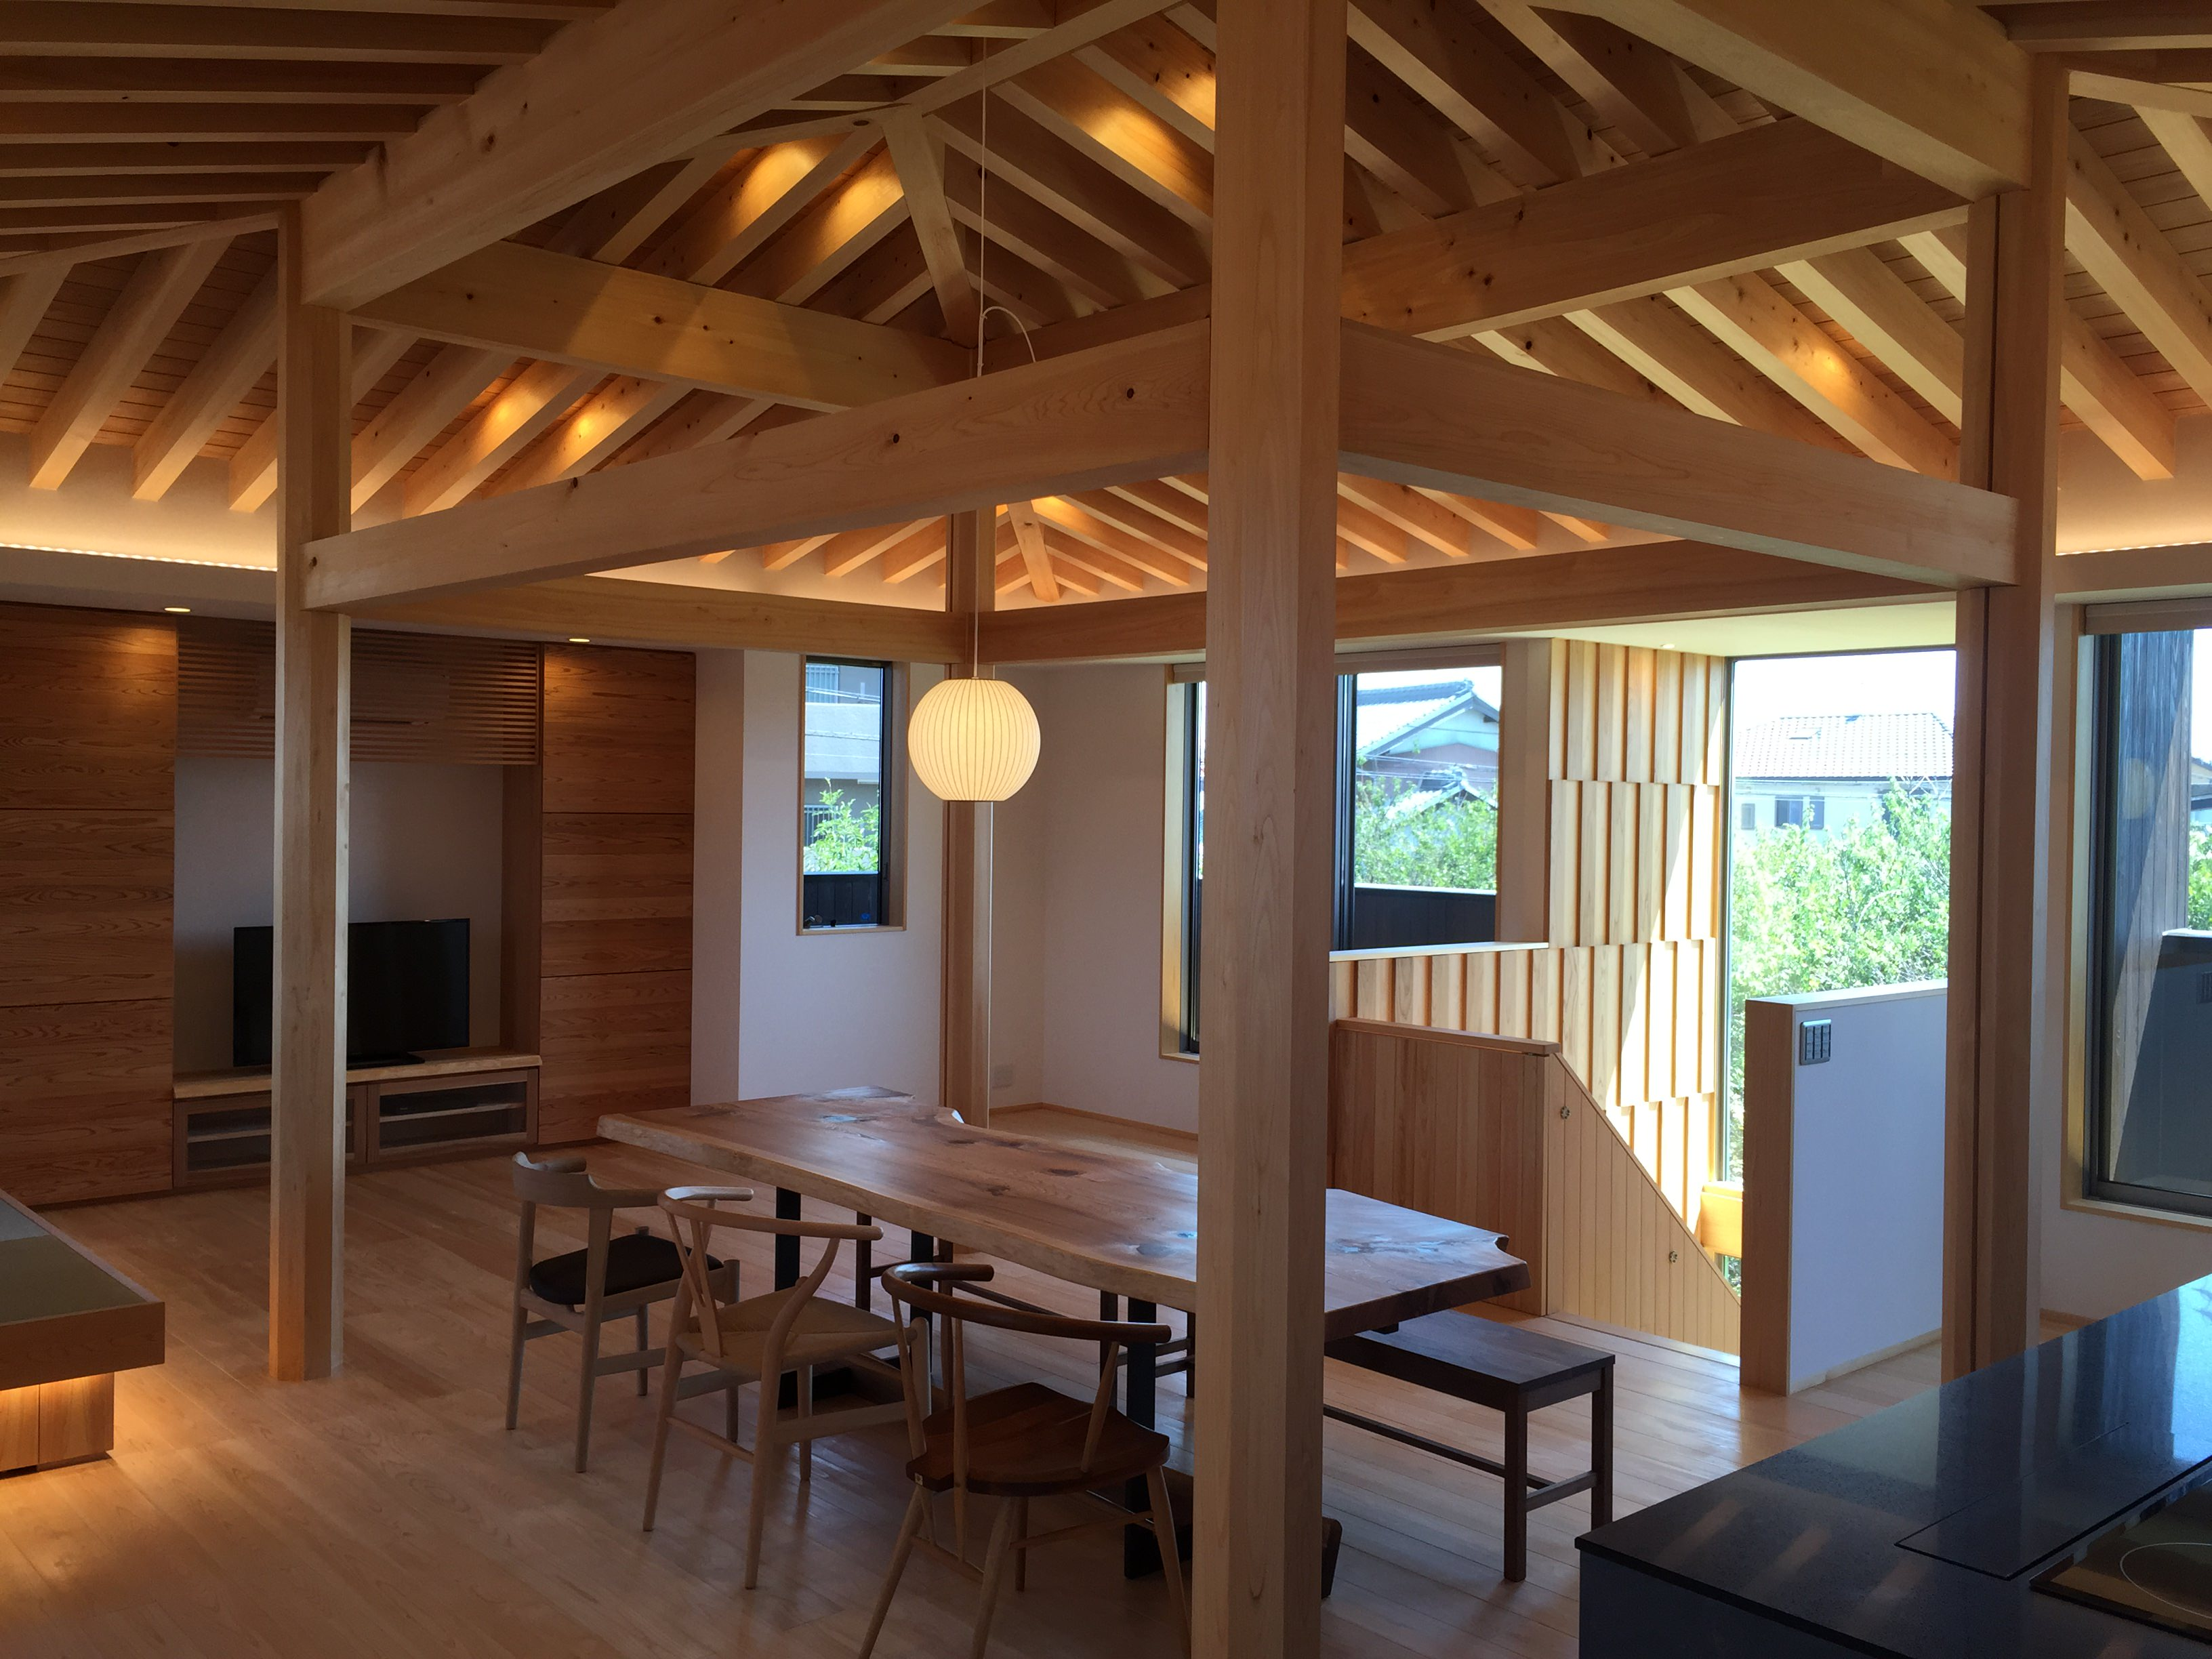 愛知県小牧市「桑原木材㈱モデルハウス」 国産材 木の家 家具搬入